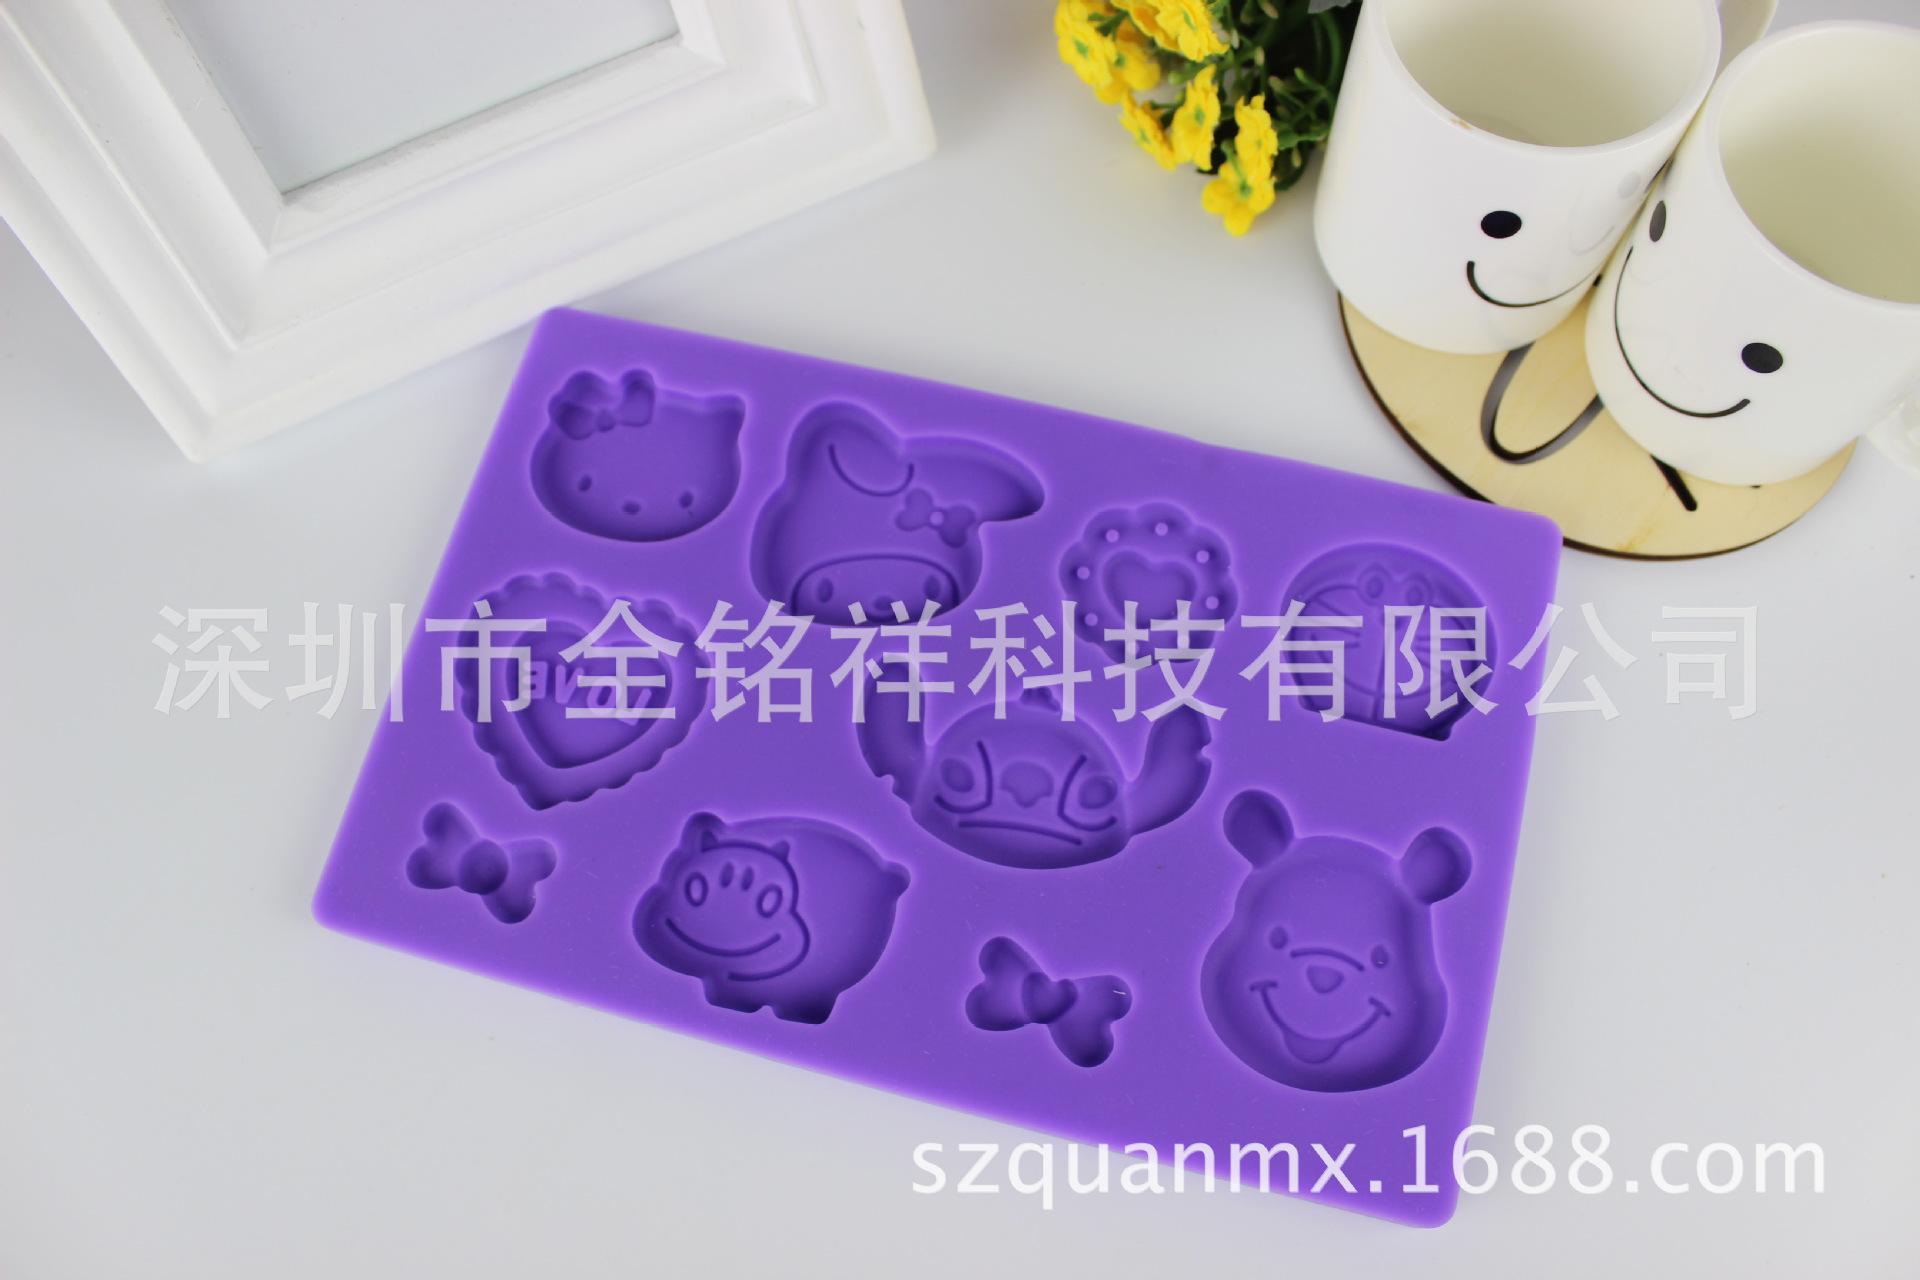 现货供应硅胶蕾丝翻糖模具 DIY蛋糕装饰烘焙工具